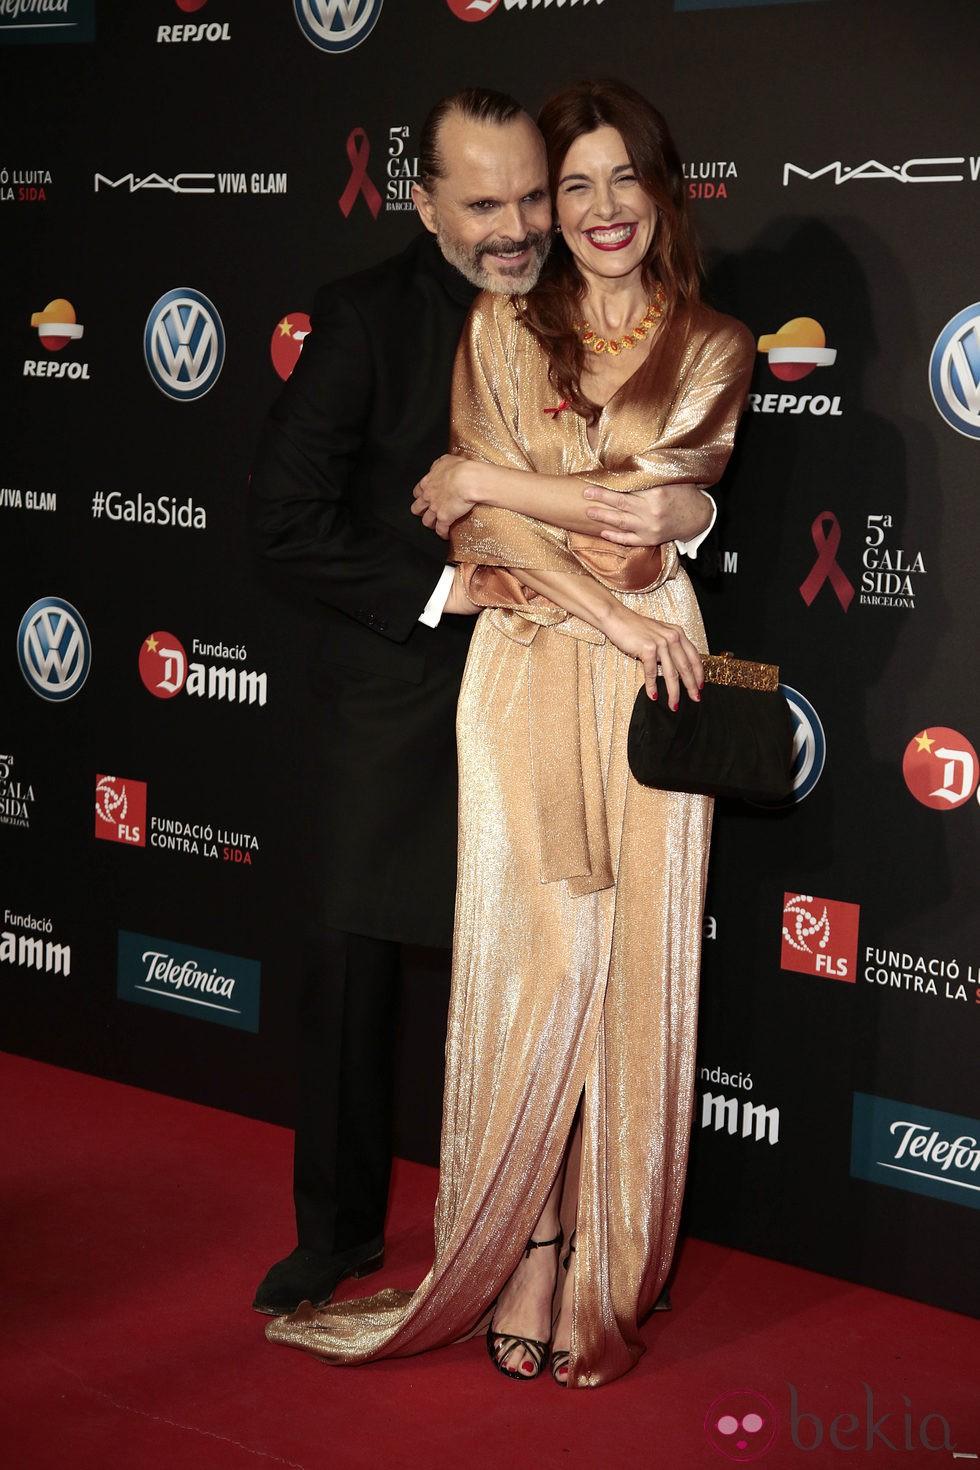 Miguel Bosé y Raquel Sánchez Silva en una gala benéfica contra el Sida en Barcelona